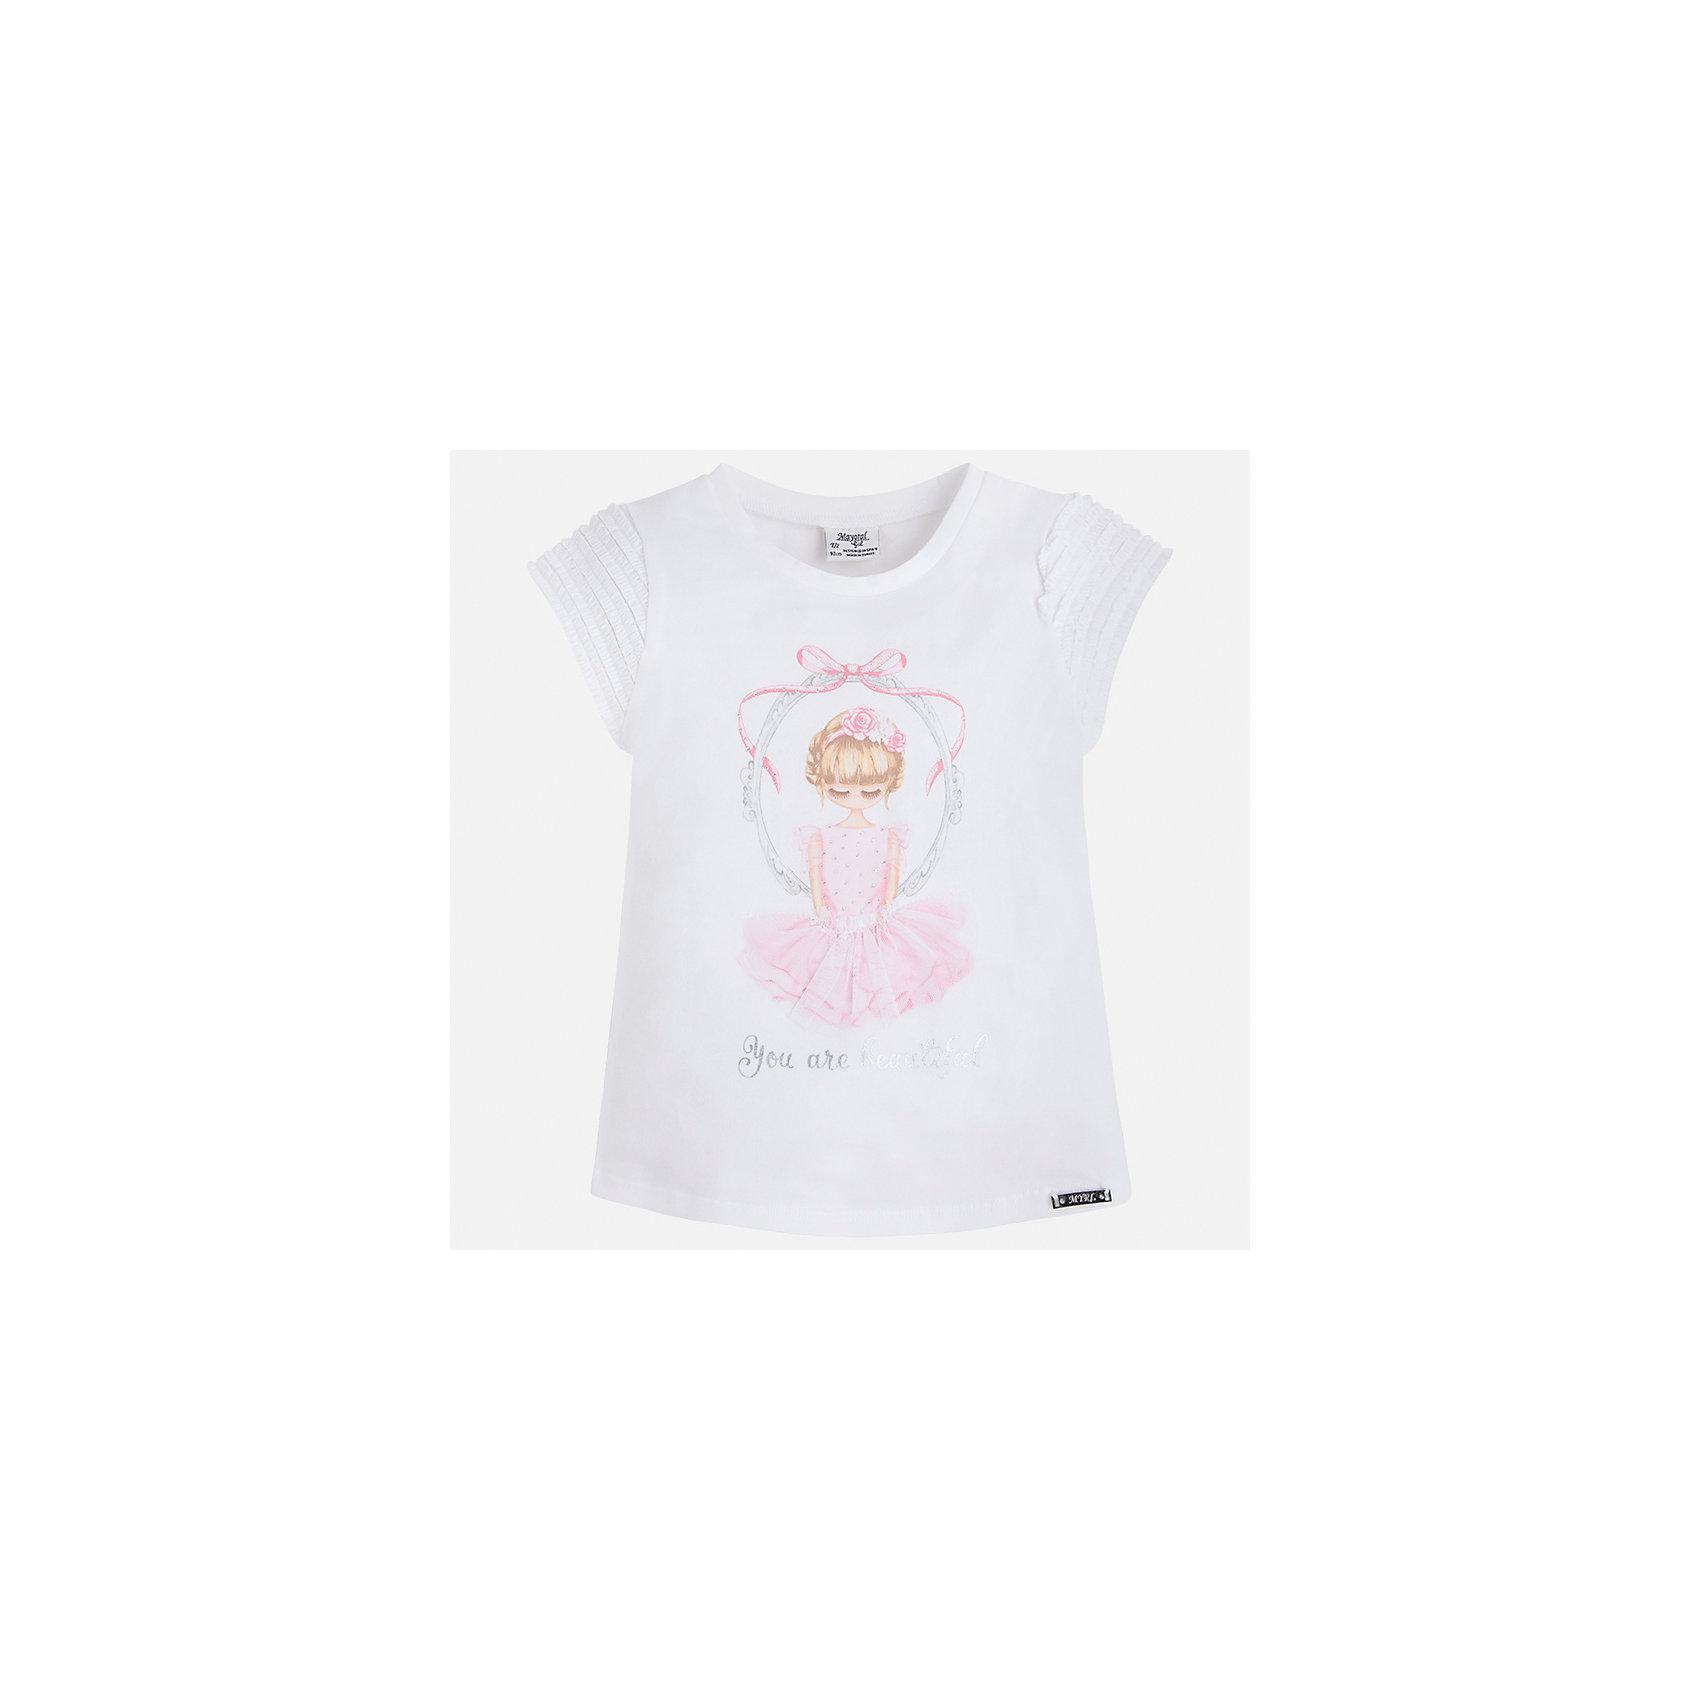 Футболка для девочки MayoralХарактеристики товара:<br><br>• цвет: белый<br>• состав: 95% хлопок, 5% эластан<br>• эластичный материал<br>• декорирована принтом<br>• короткие рукава<br>• фактурные плечи<br>• округлый горловой вырез<br>• страна бренда: Испания<br><br>Стильная качественная футболка для девочки поможет разнообразить гардероб ребенка и украсить наряд. Она отлично сочетается и с юбками, и с шортами, и с брюками. Универсальный цвет позволяет подобрать к вещи низ практически любой расцветки. Интересная отделка модели делает её нарядной и оригинальной. В составе материала есть натуральный хлопок, гипоаллергенный, приятный на ощупь, дышащий.<br><br>Одежда, обувь и аксессуары от испанского бренда Mayoral полюбились детям и взрослым по всему миру. Модели этой марки - стильные и удобные. Для их производства используются только безопасные, качественные материалы и фурнитура. Порадуйте ребенка модными и красивыми вещами от Mayoral! <br><br>Футболку для девочки от испанского бренда Mayoral (Майорал) можно купить в нашем интернет-магазине.<br><br>Ширина мм: 199<br>Глубина мм: 10<br>Высота мм: 161<br>Вес г: 151<br>Цвет: белый<br>Возраст от месяцев: 96<br>Возраст до месяцев: 108<br>Пол: Женский<br>Возраст: Детский<br>Размер: 134,92,98,104,110,116,122,128<br>SKU: 5300082